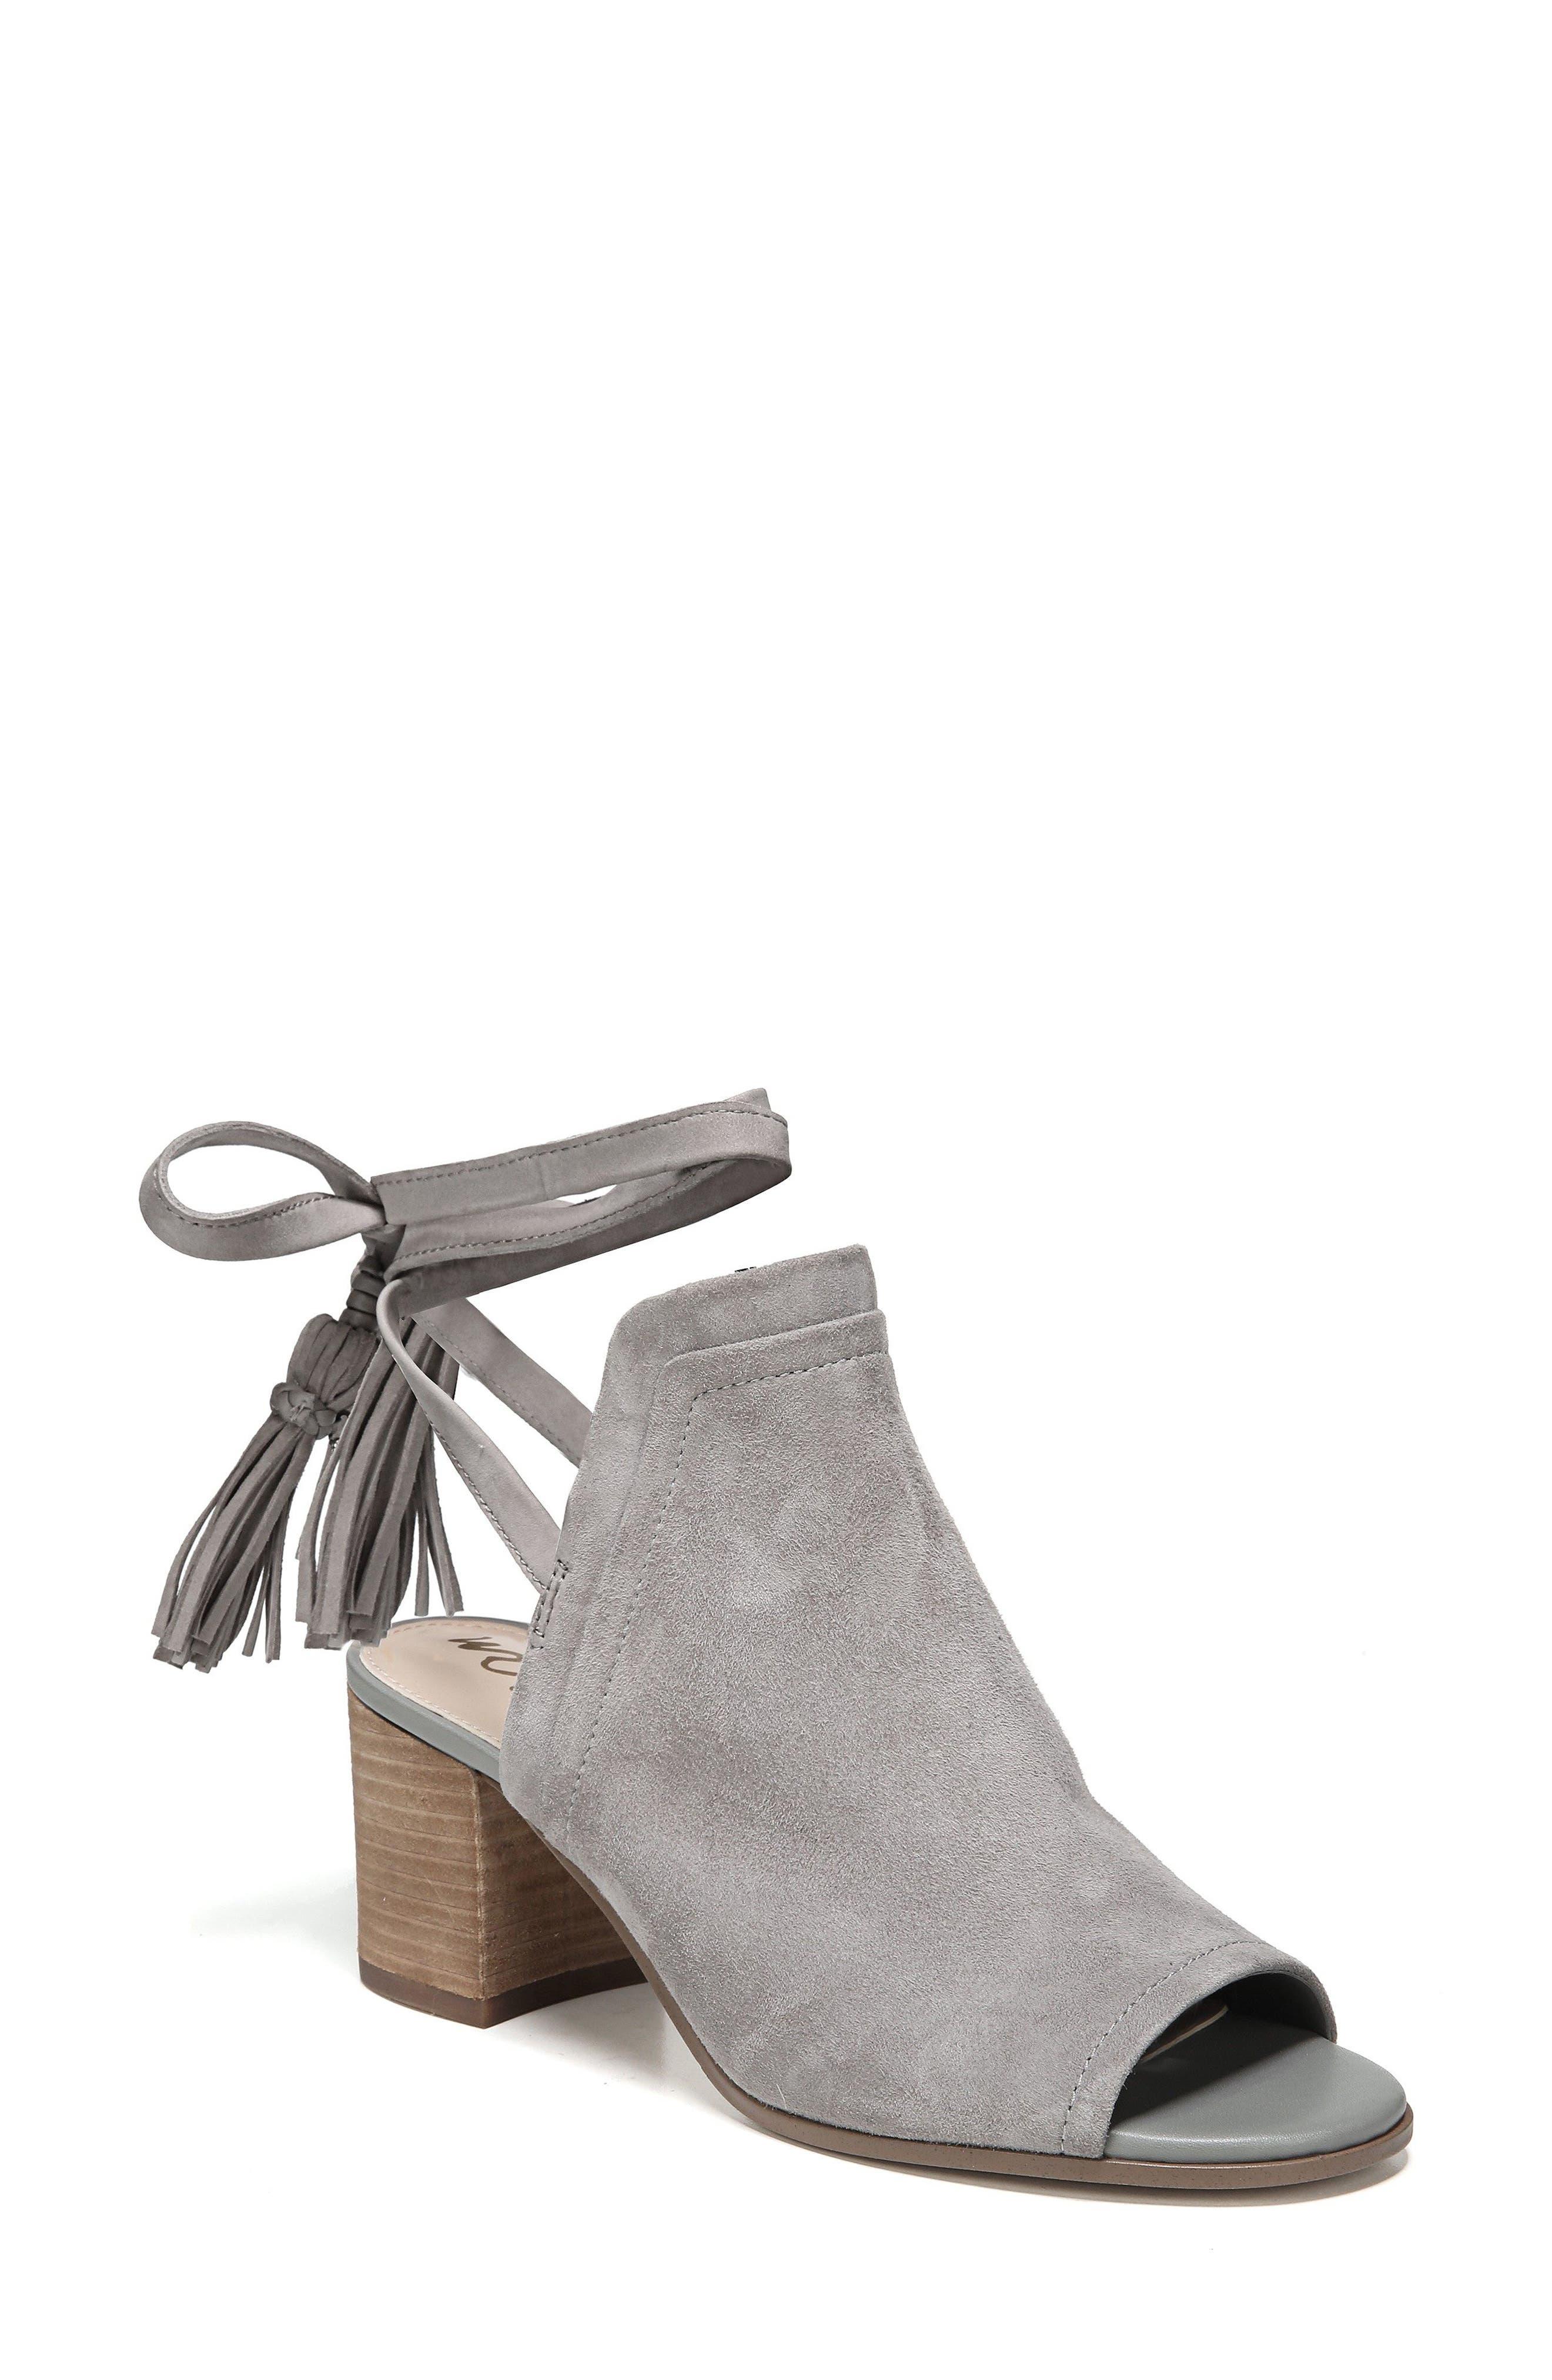 Sampson Block Heel Bootie,                         Main,                         color, Grey Frost Suede